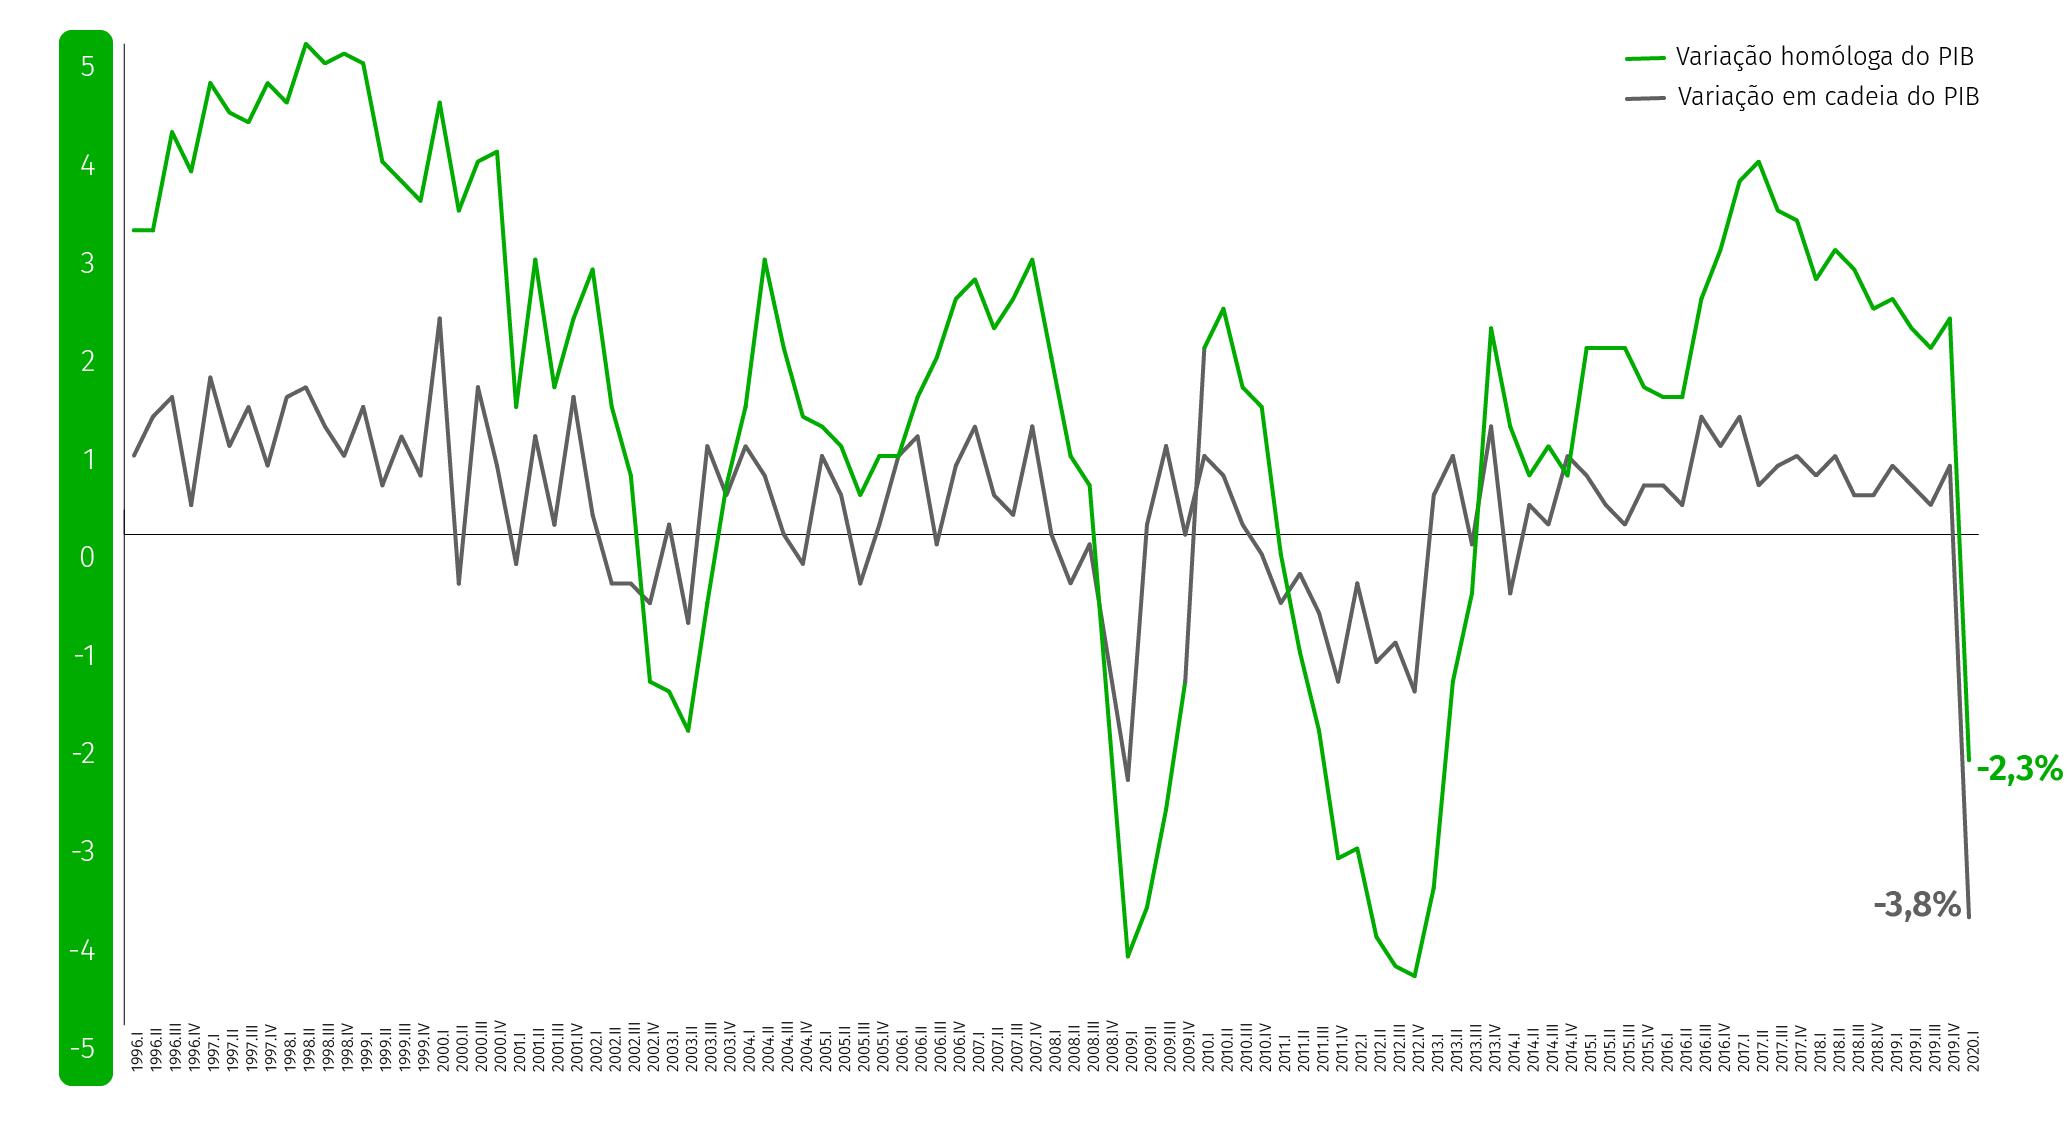 Dados do Instituto Nacional de Estatística (INE).